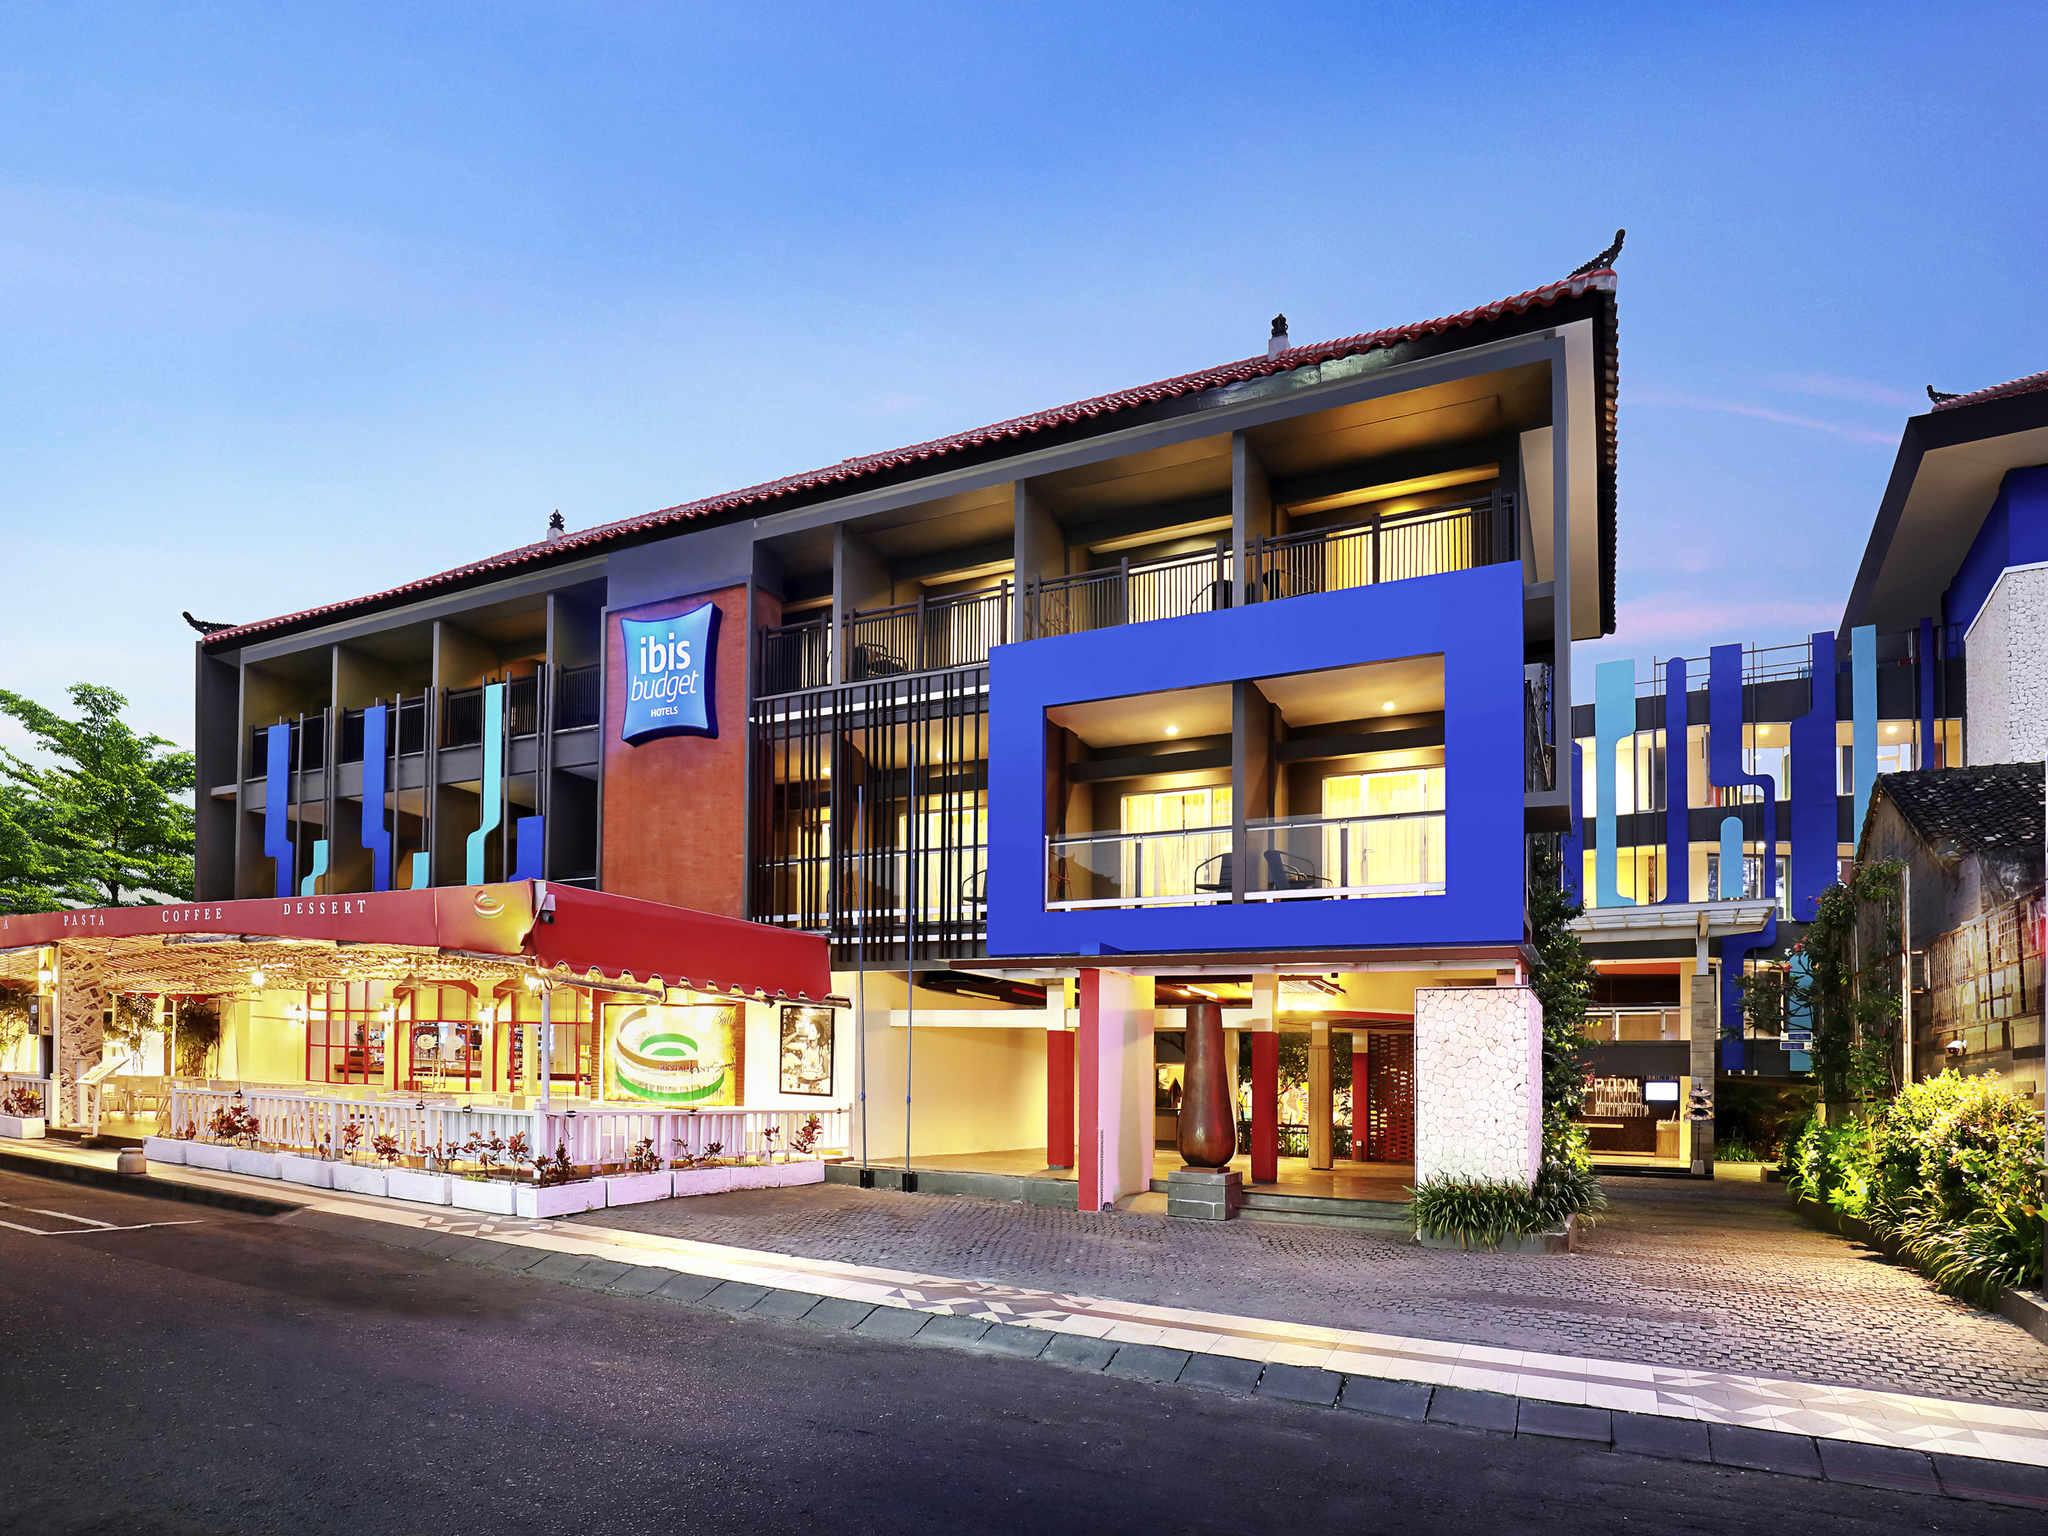 Hotel – Hotel Primera Seminyak gerido pela AccorHotels